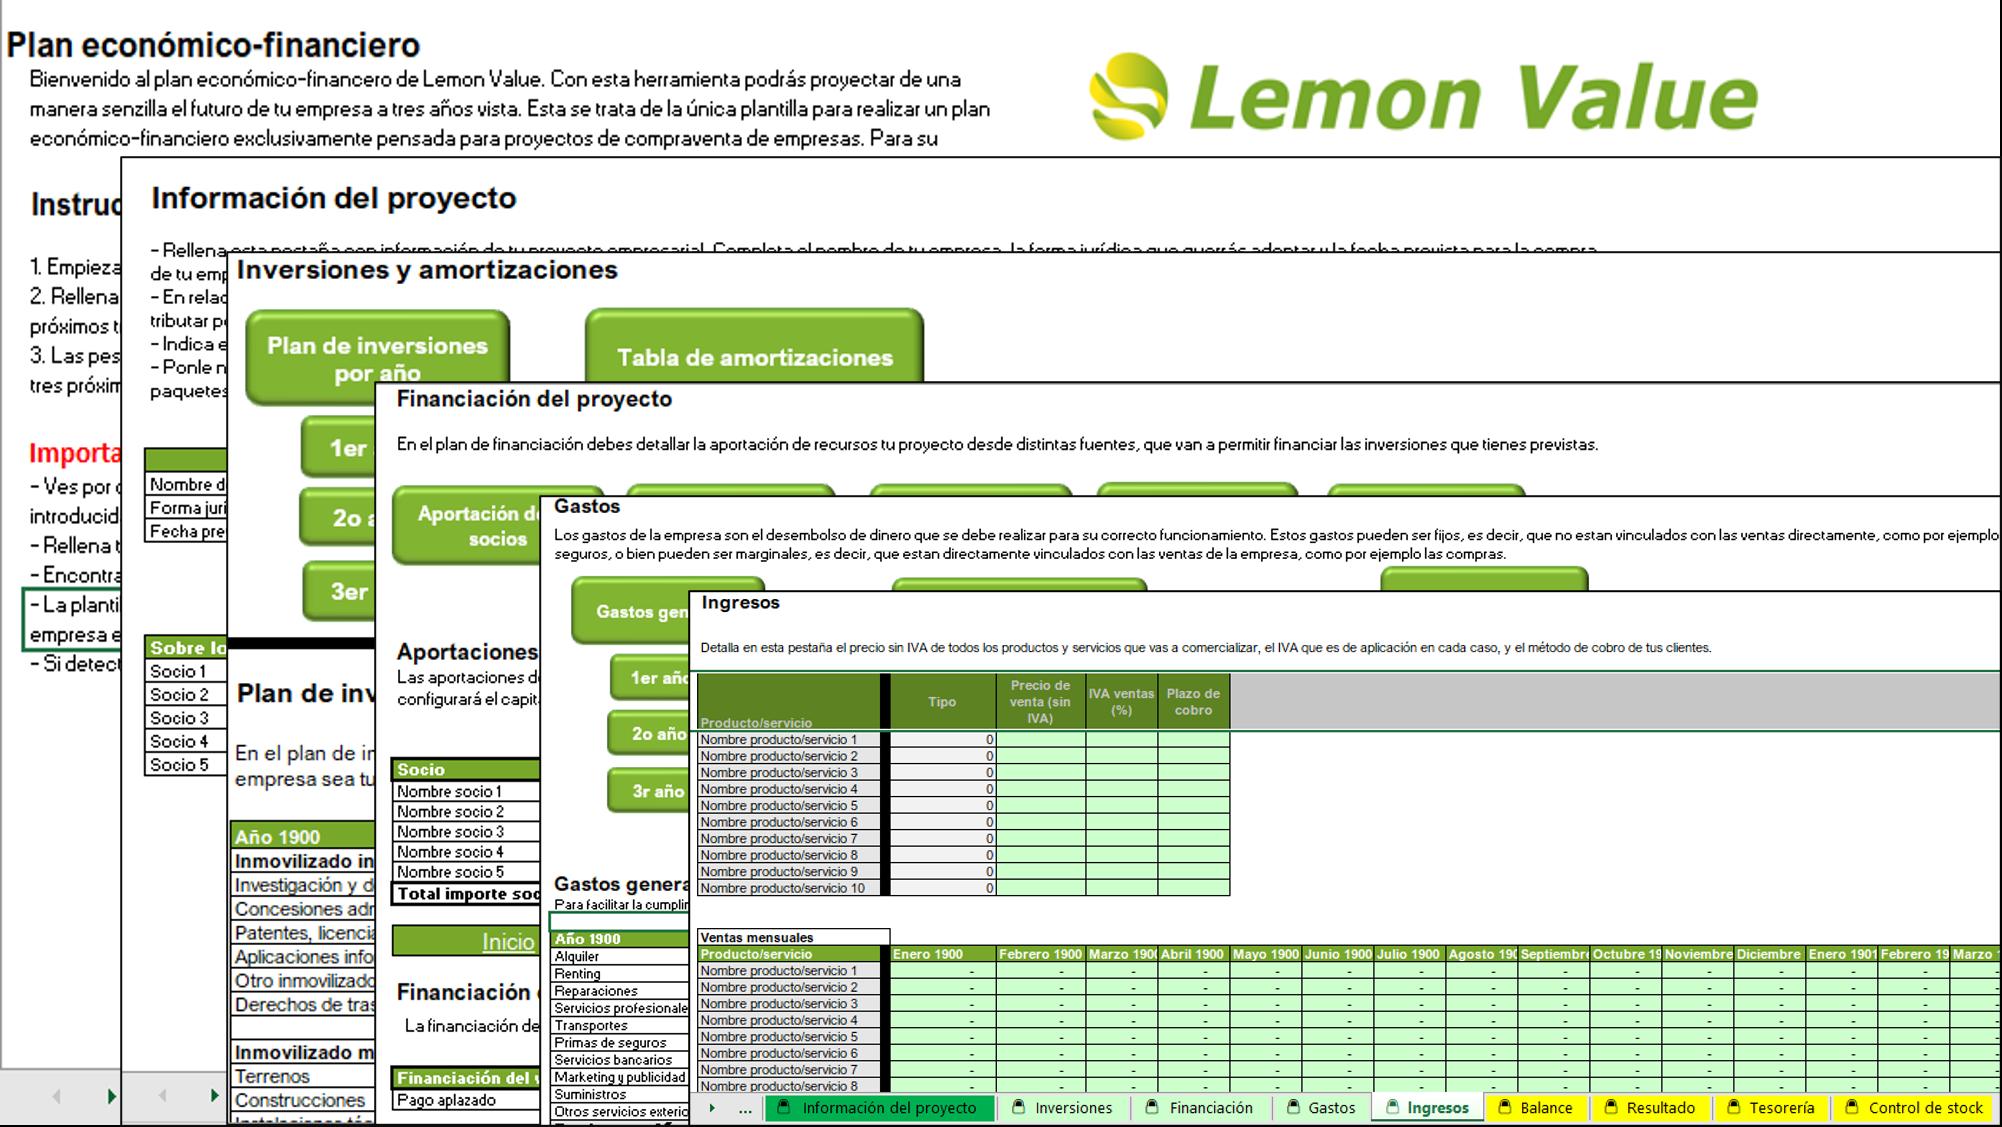 Plan Economico Financiero Imagen Lemon Value